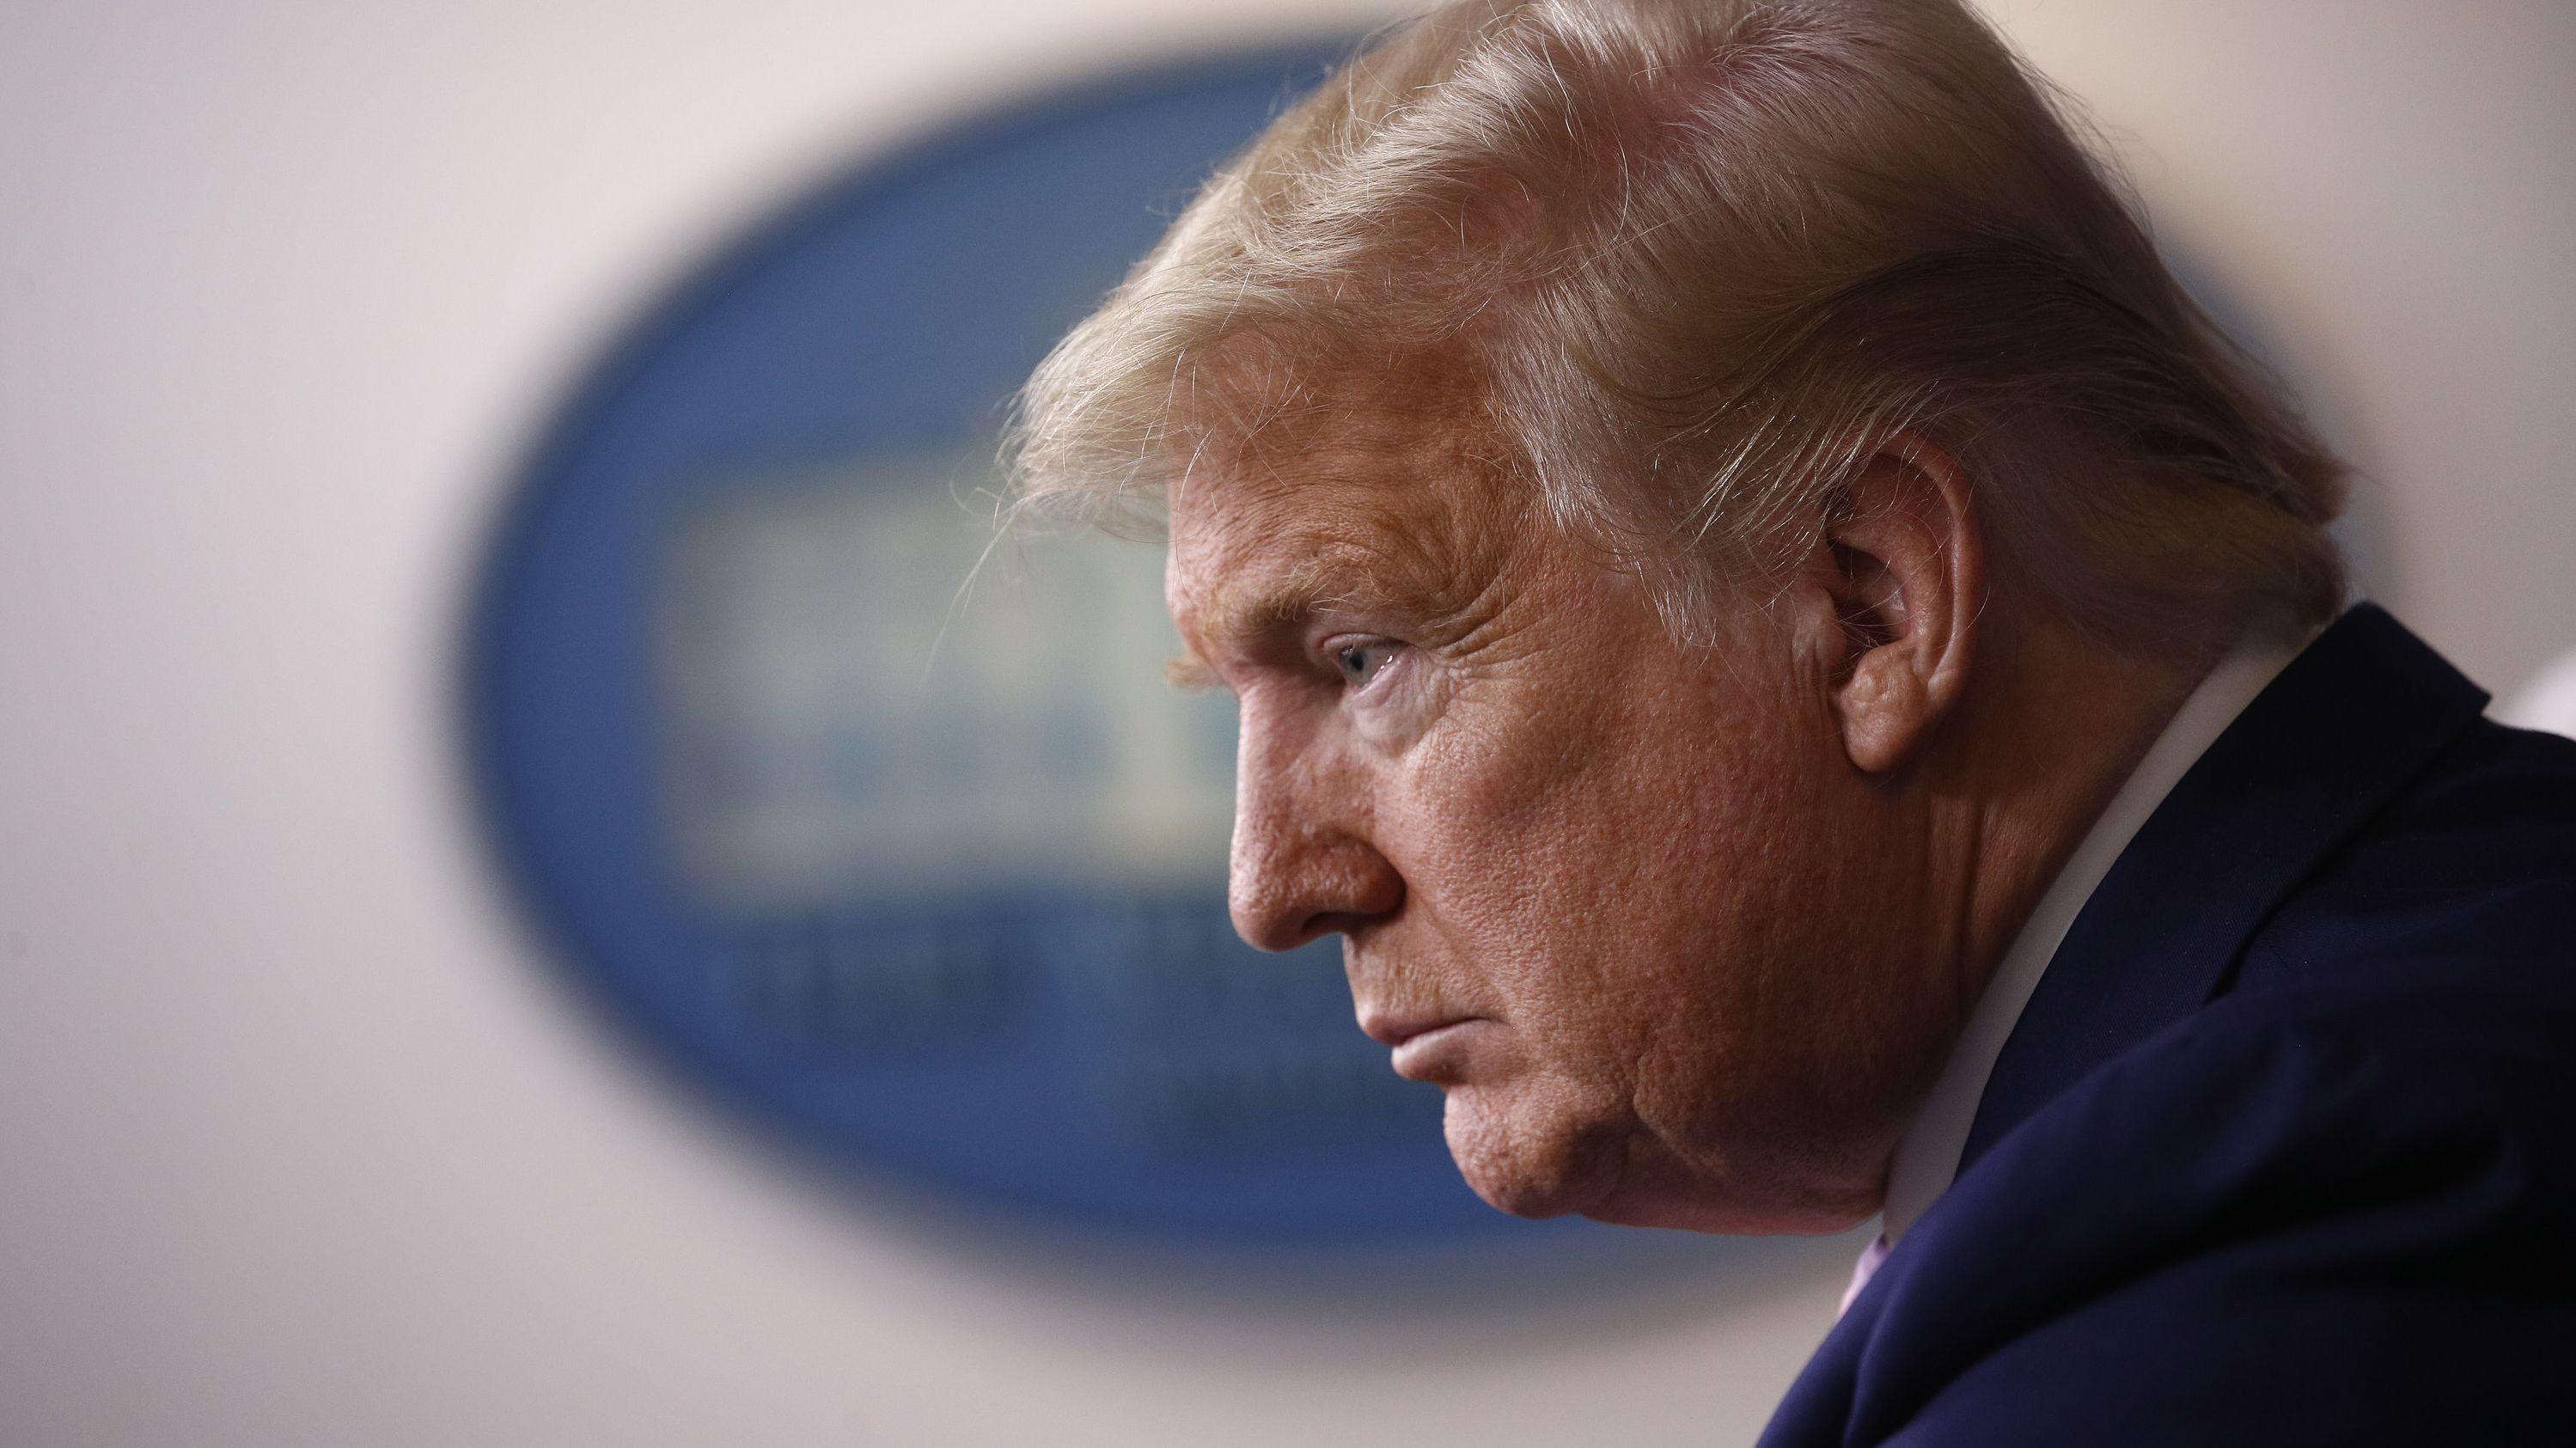 Donald Trump, Präsident der USA, spricht während einer Informationsveranstaltung der Coronavirus-Taskforce im Weißen Haus.